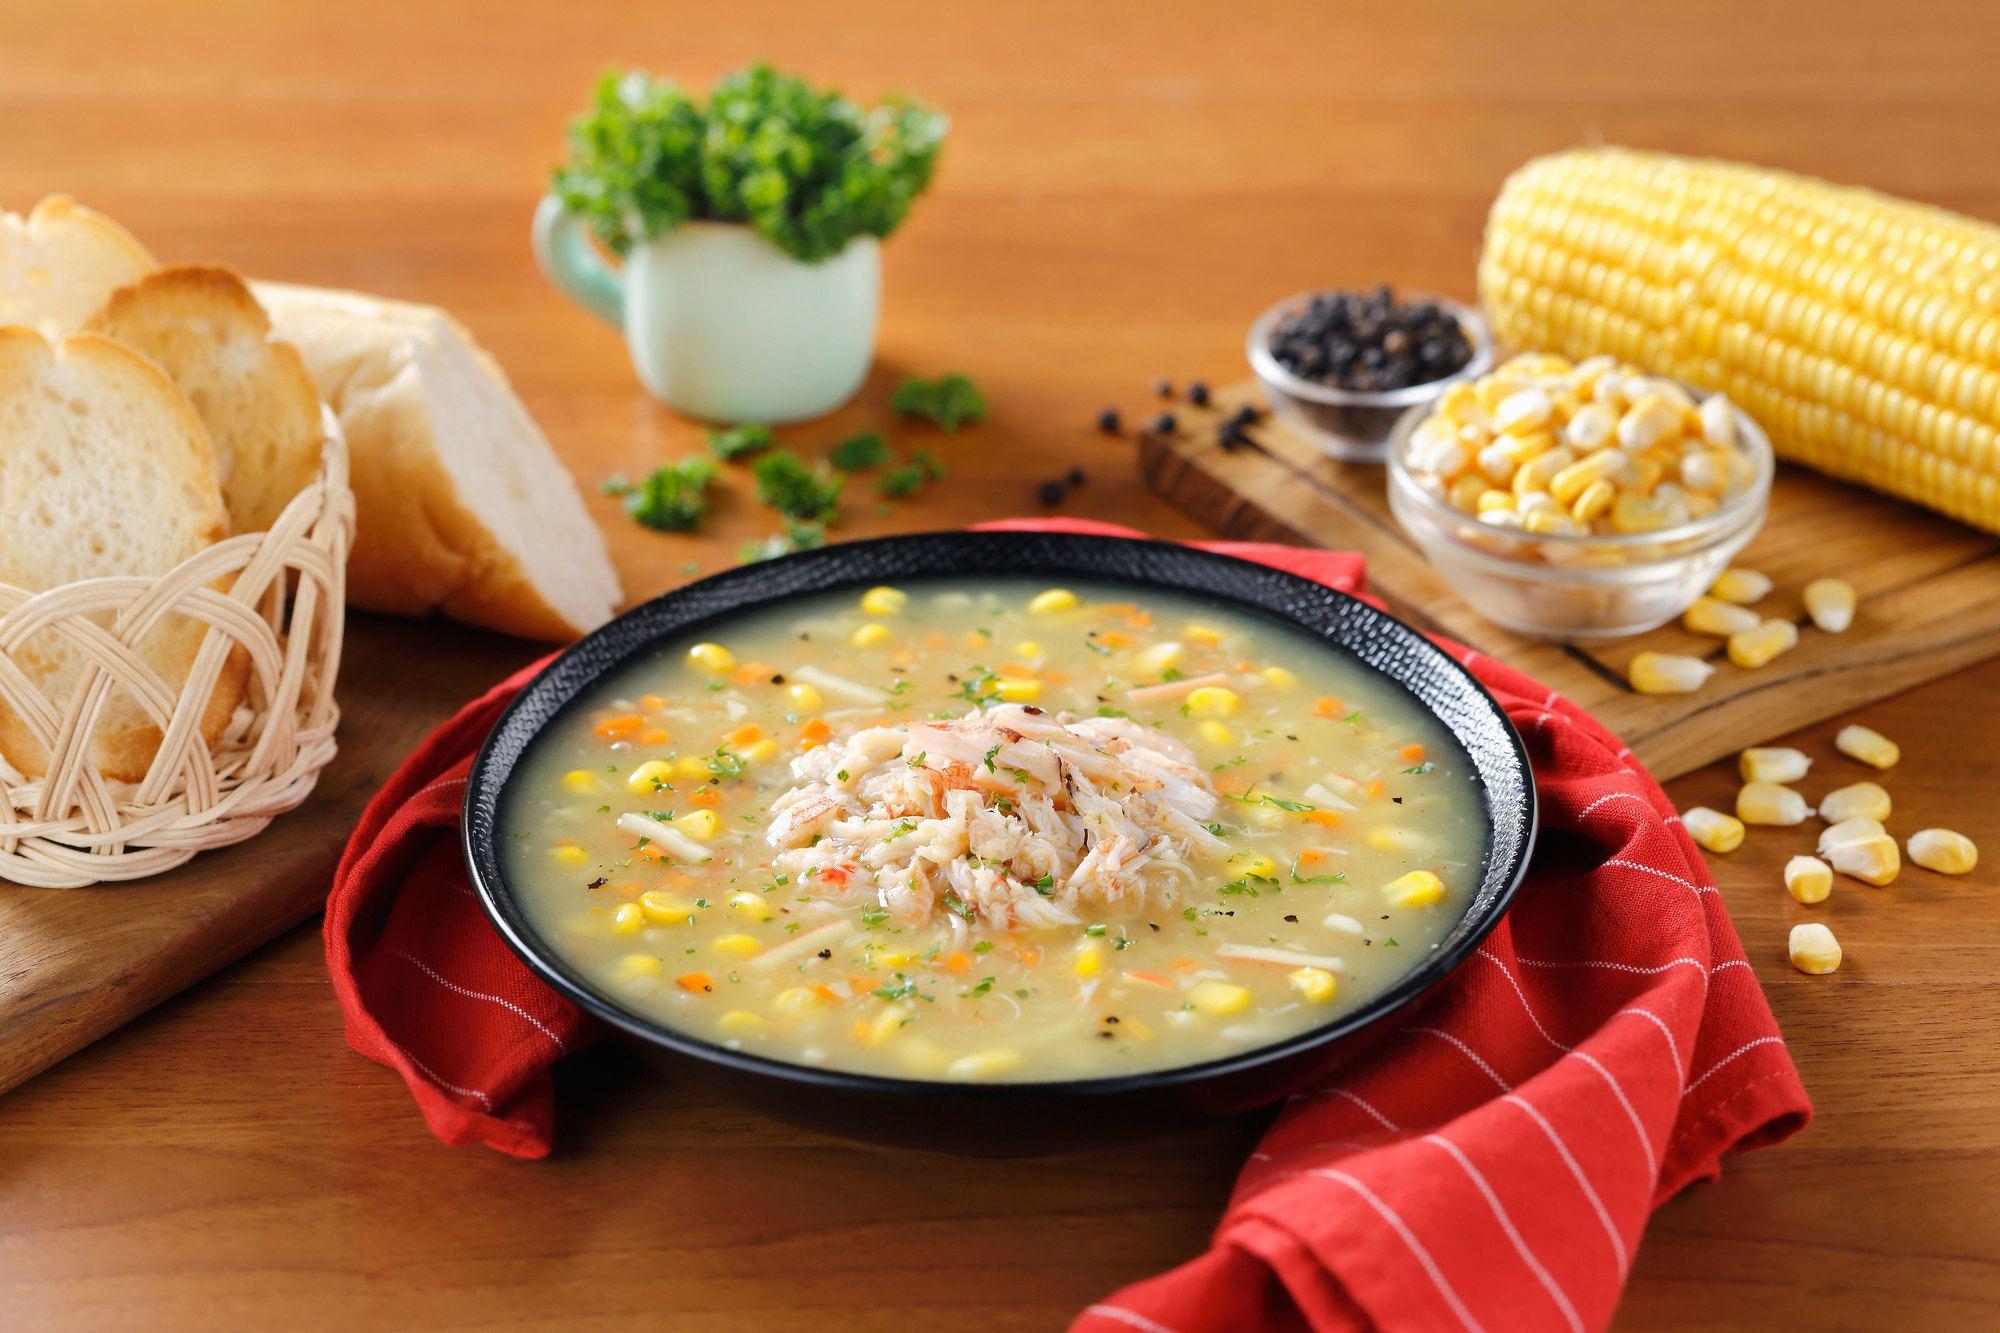 Semangkuk sup kepiting disajikan di atas meja.